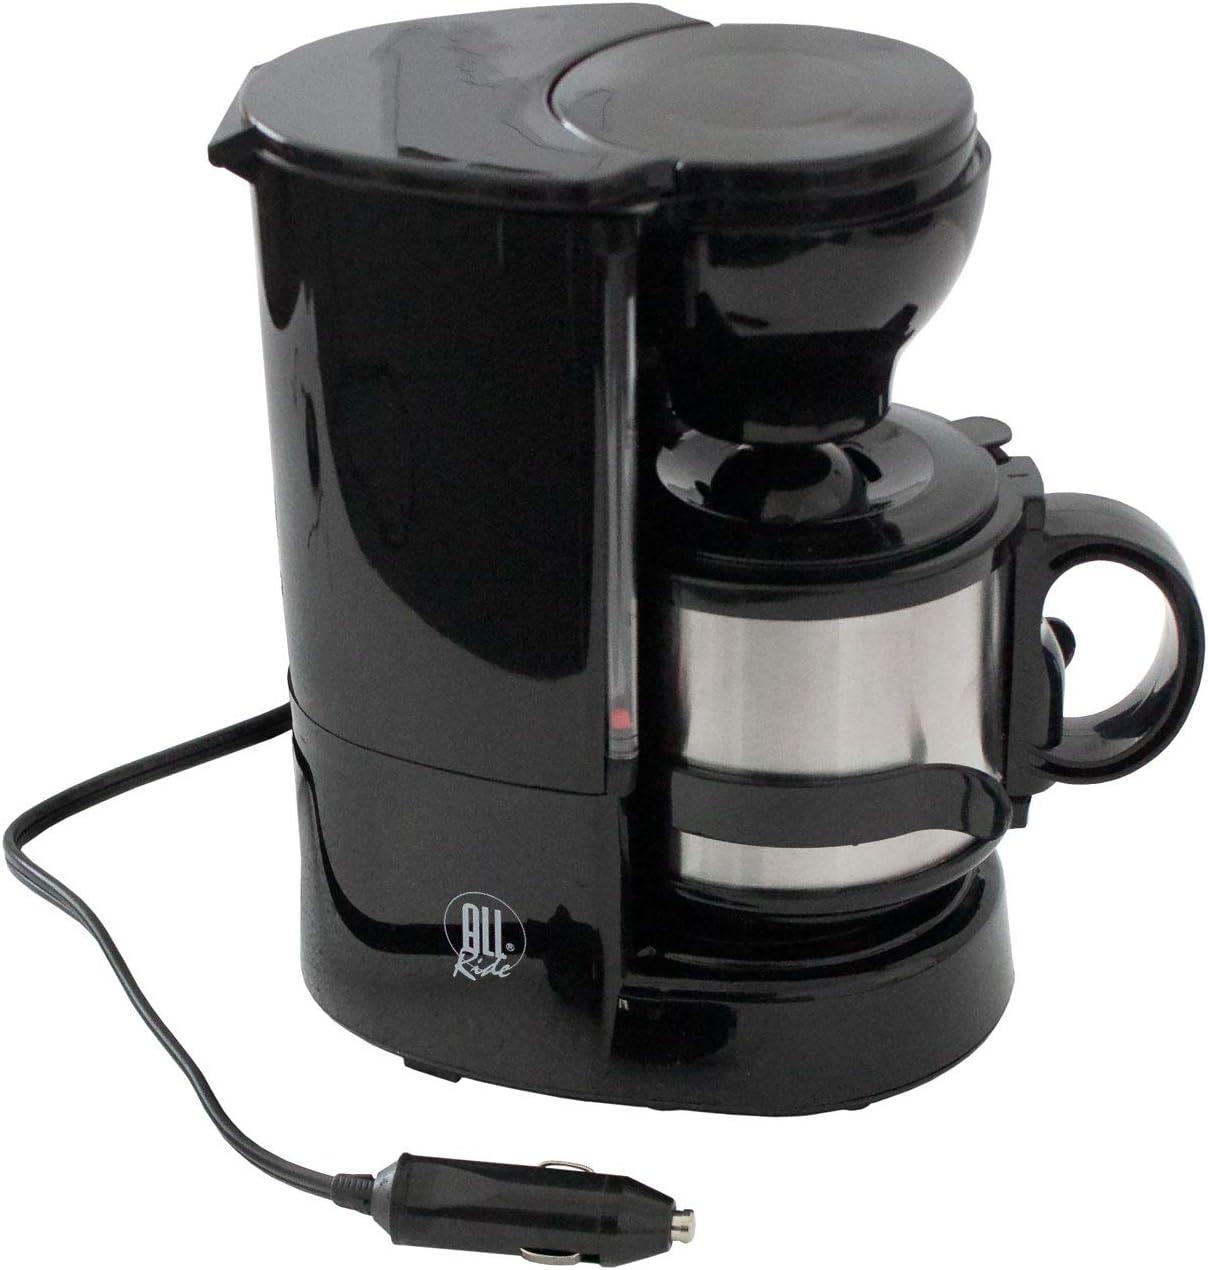 Cafetera con Taza térmica, Incluye Soporte de Pared, Filtro Permanente, 24 V/300 W – Cafetera eléctrica de Viaje Camping Cafetera Cafetera de Filtro: Amazon.es ...